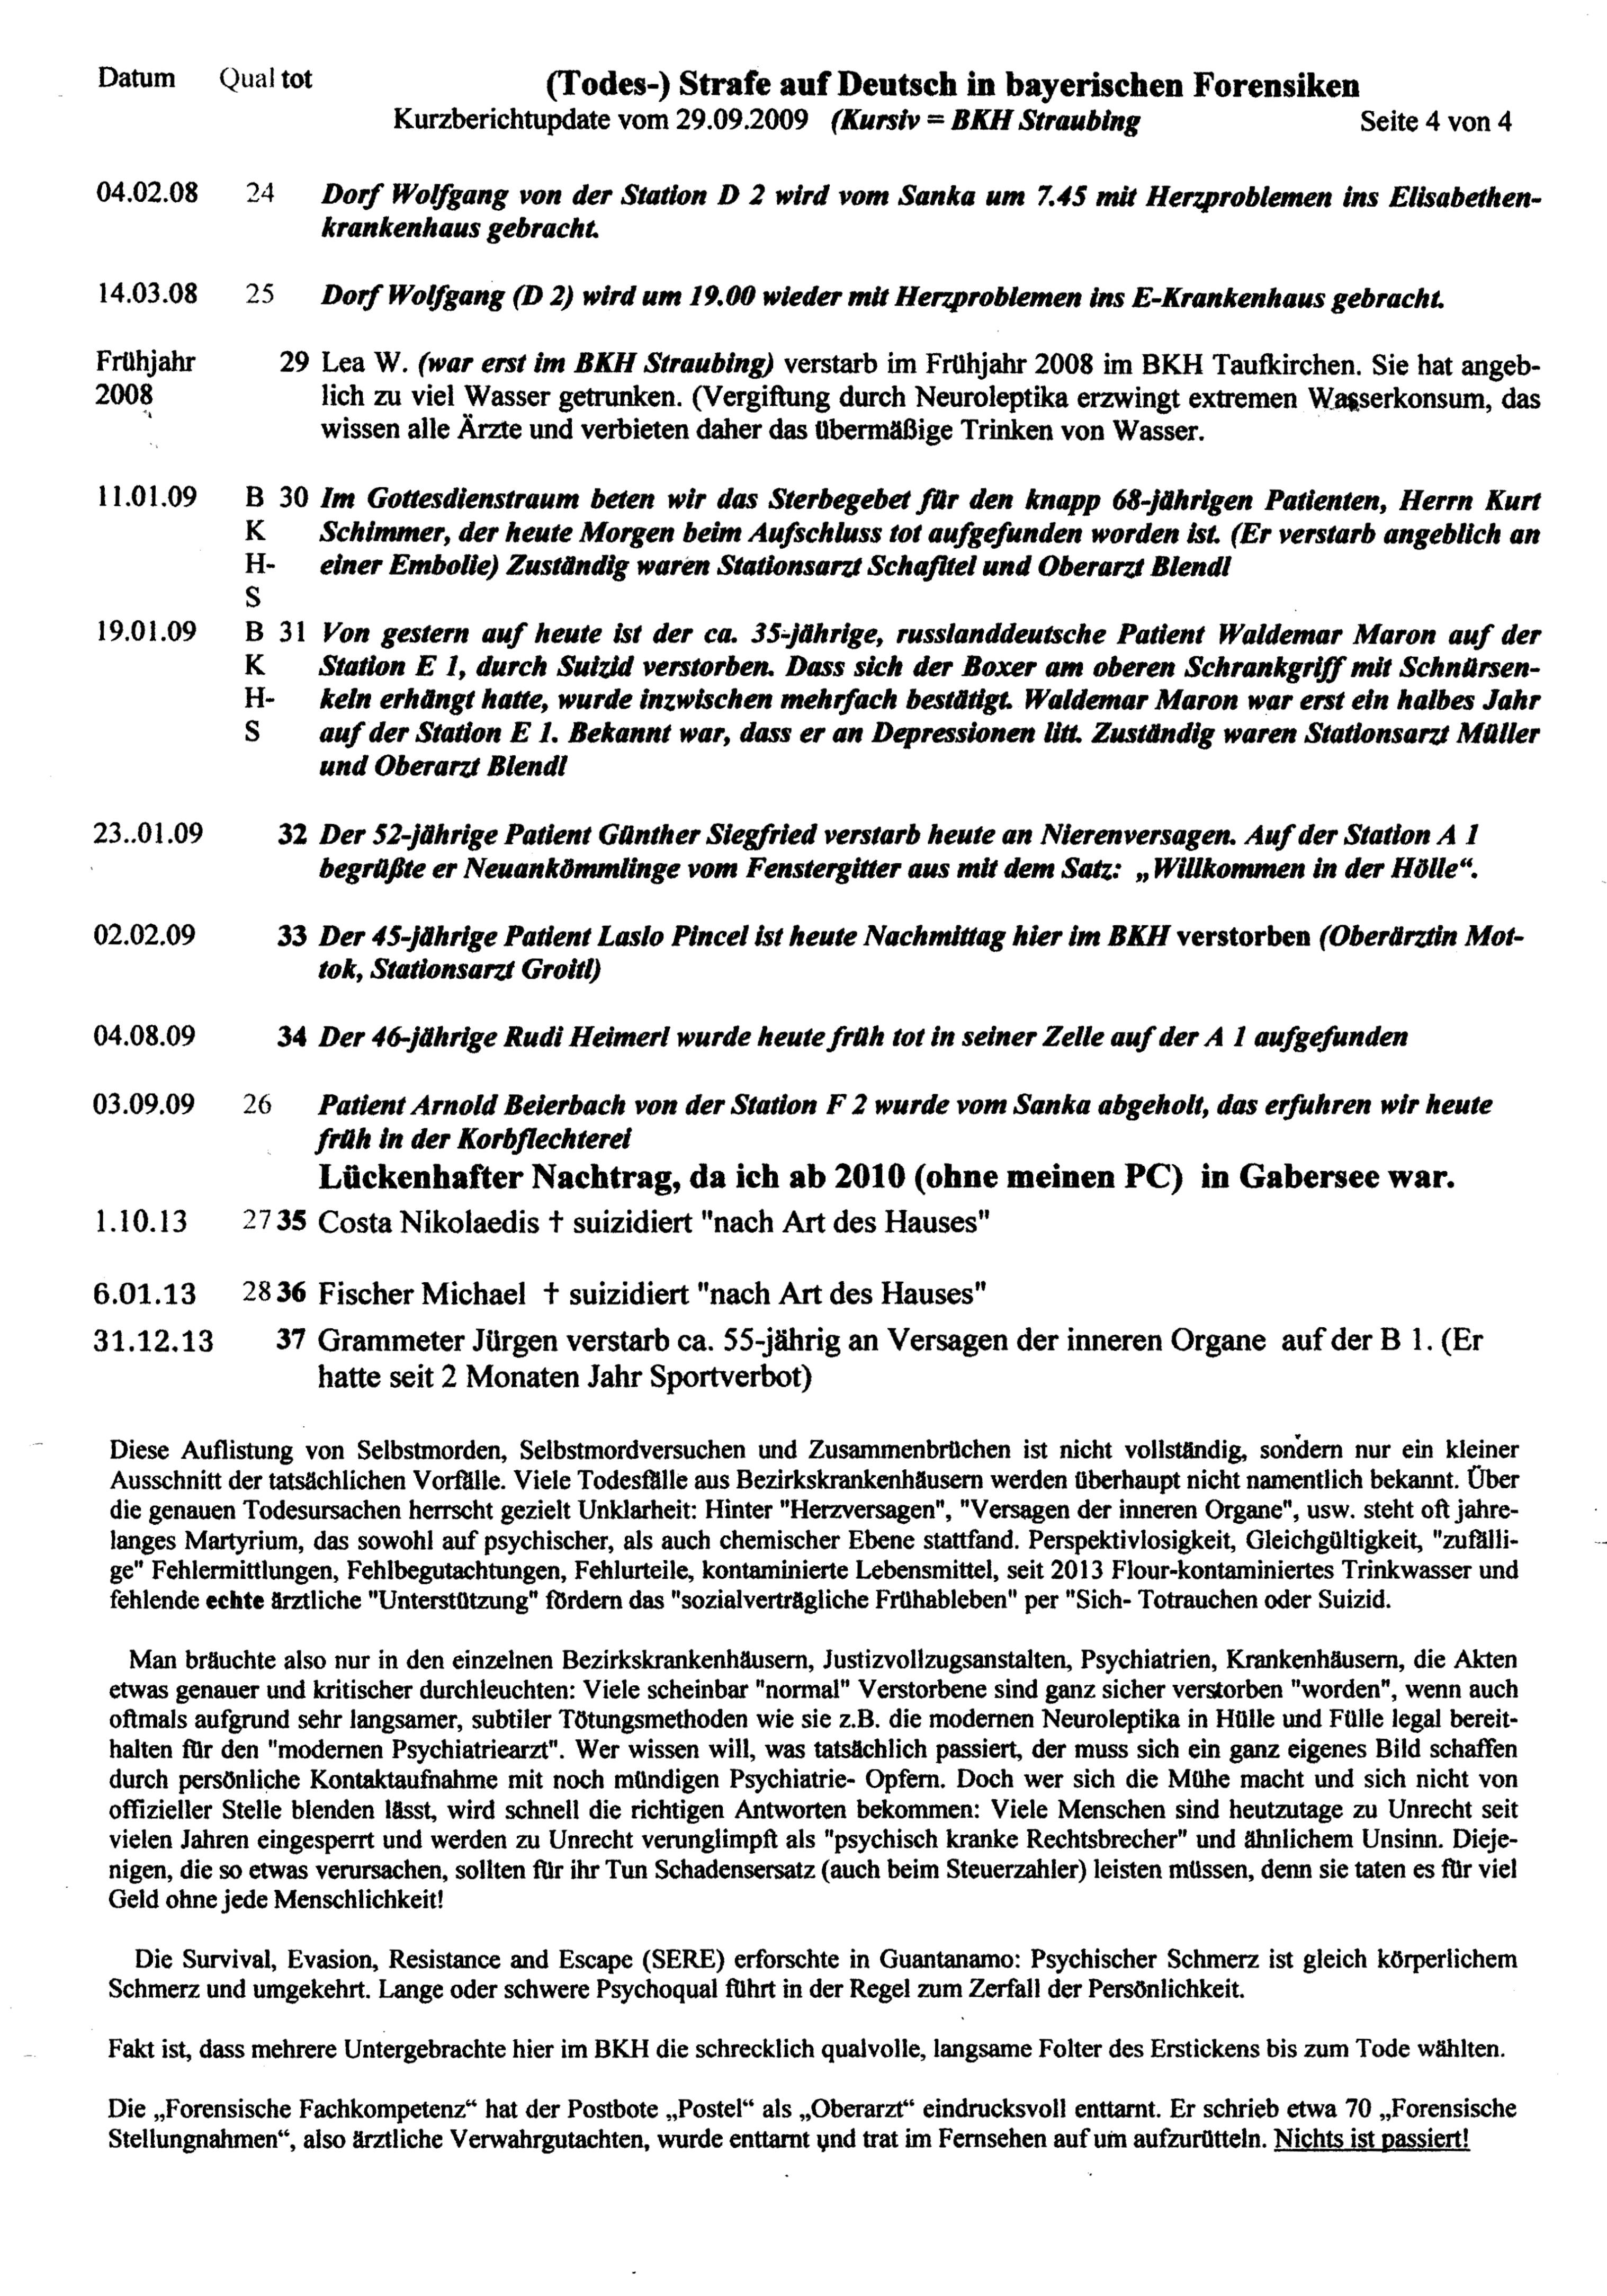 Forensik Todesliste Straubing (4)